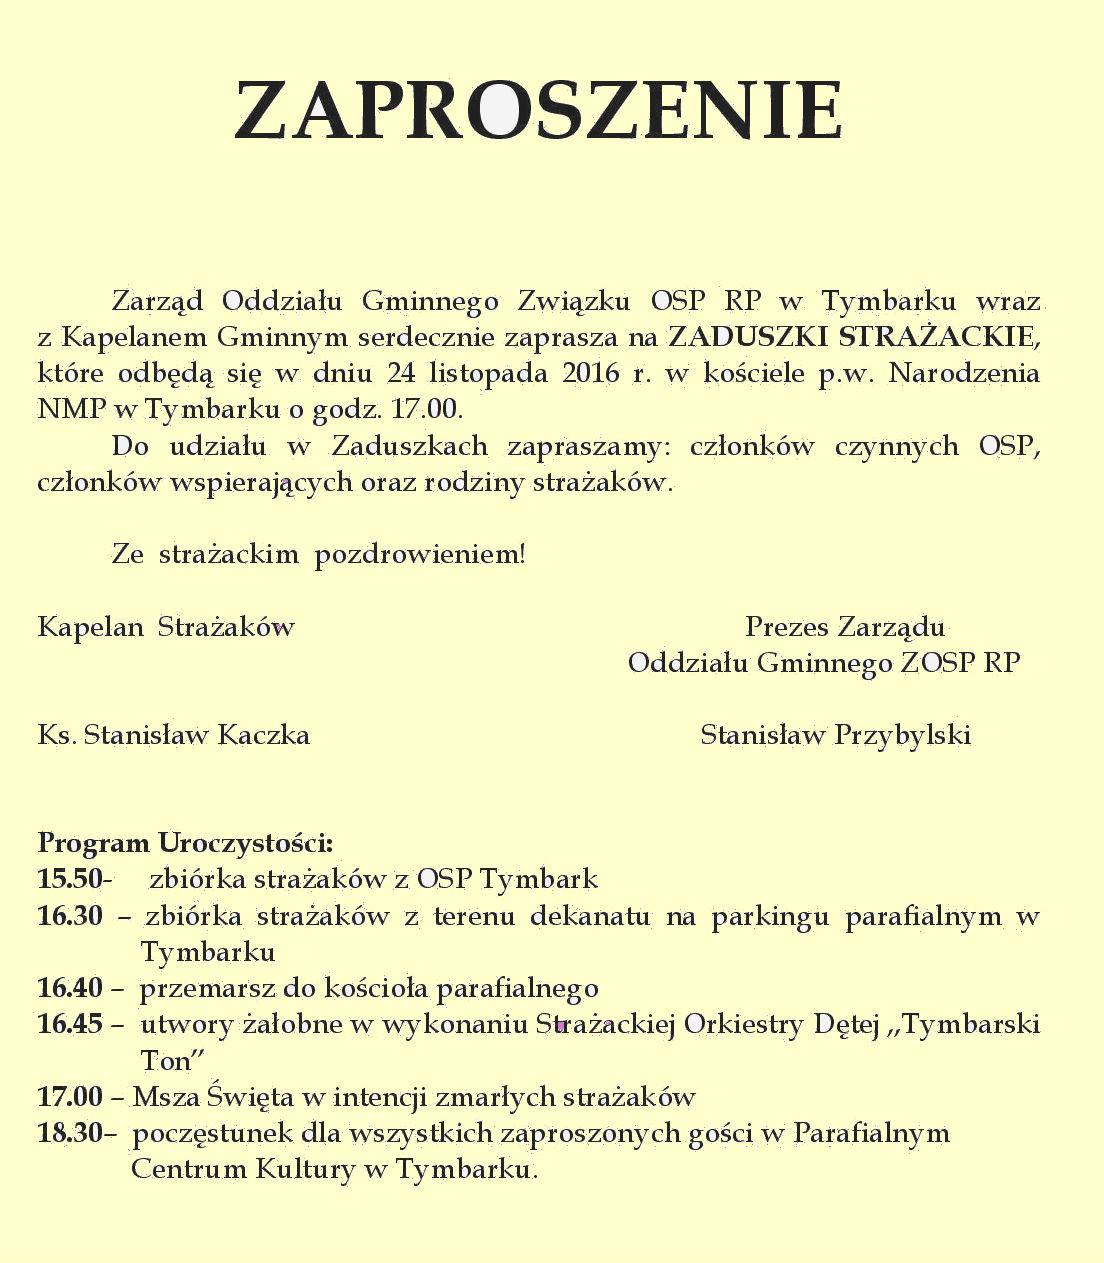 zaduszki-strazackie